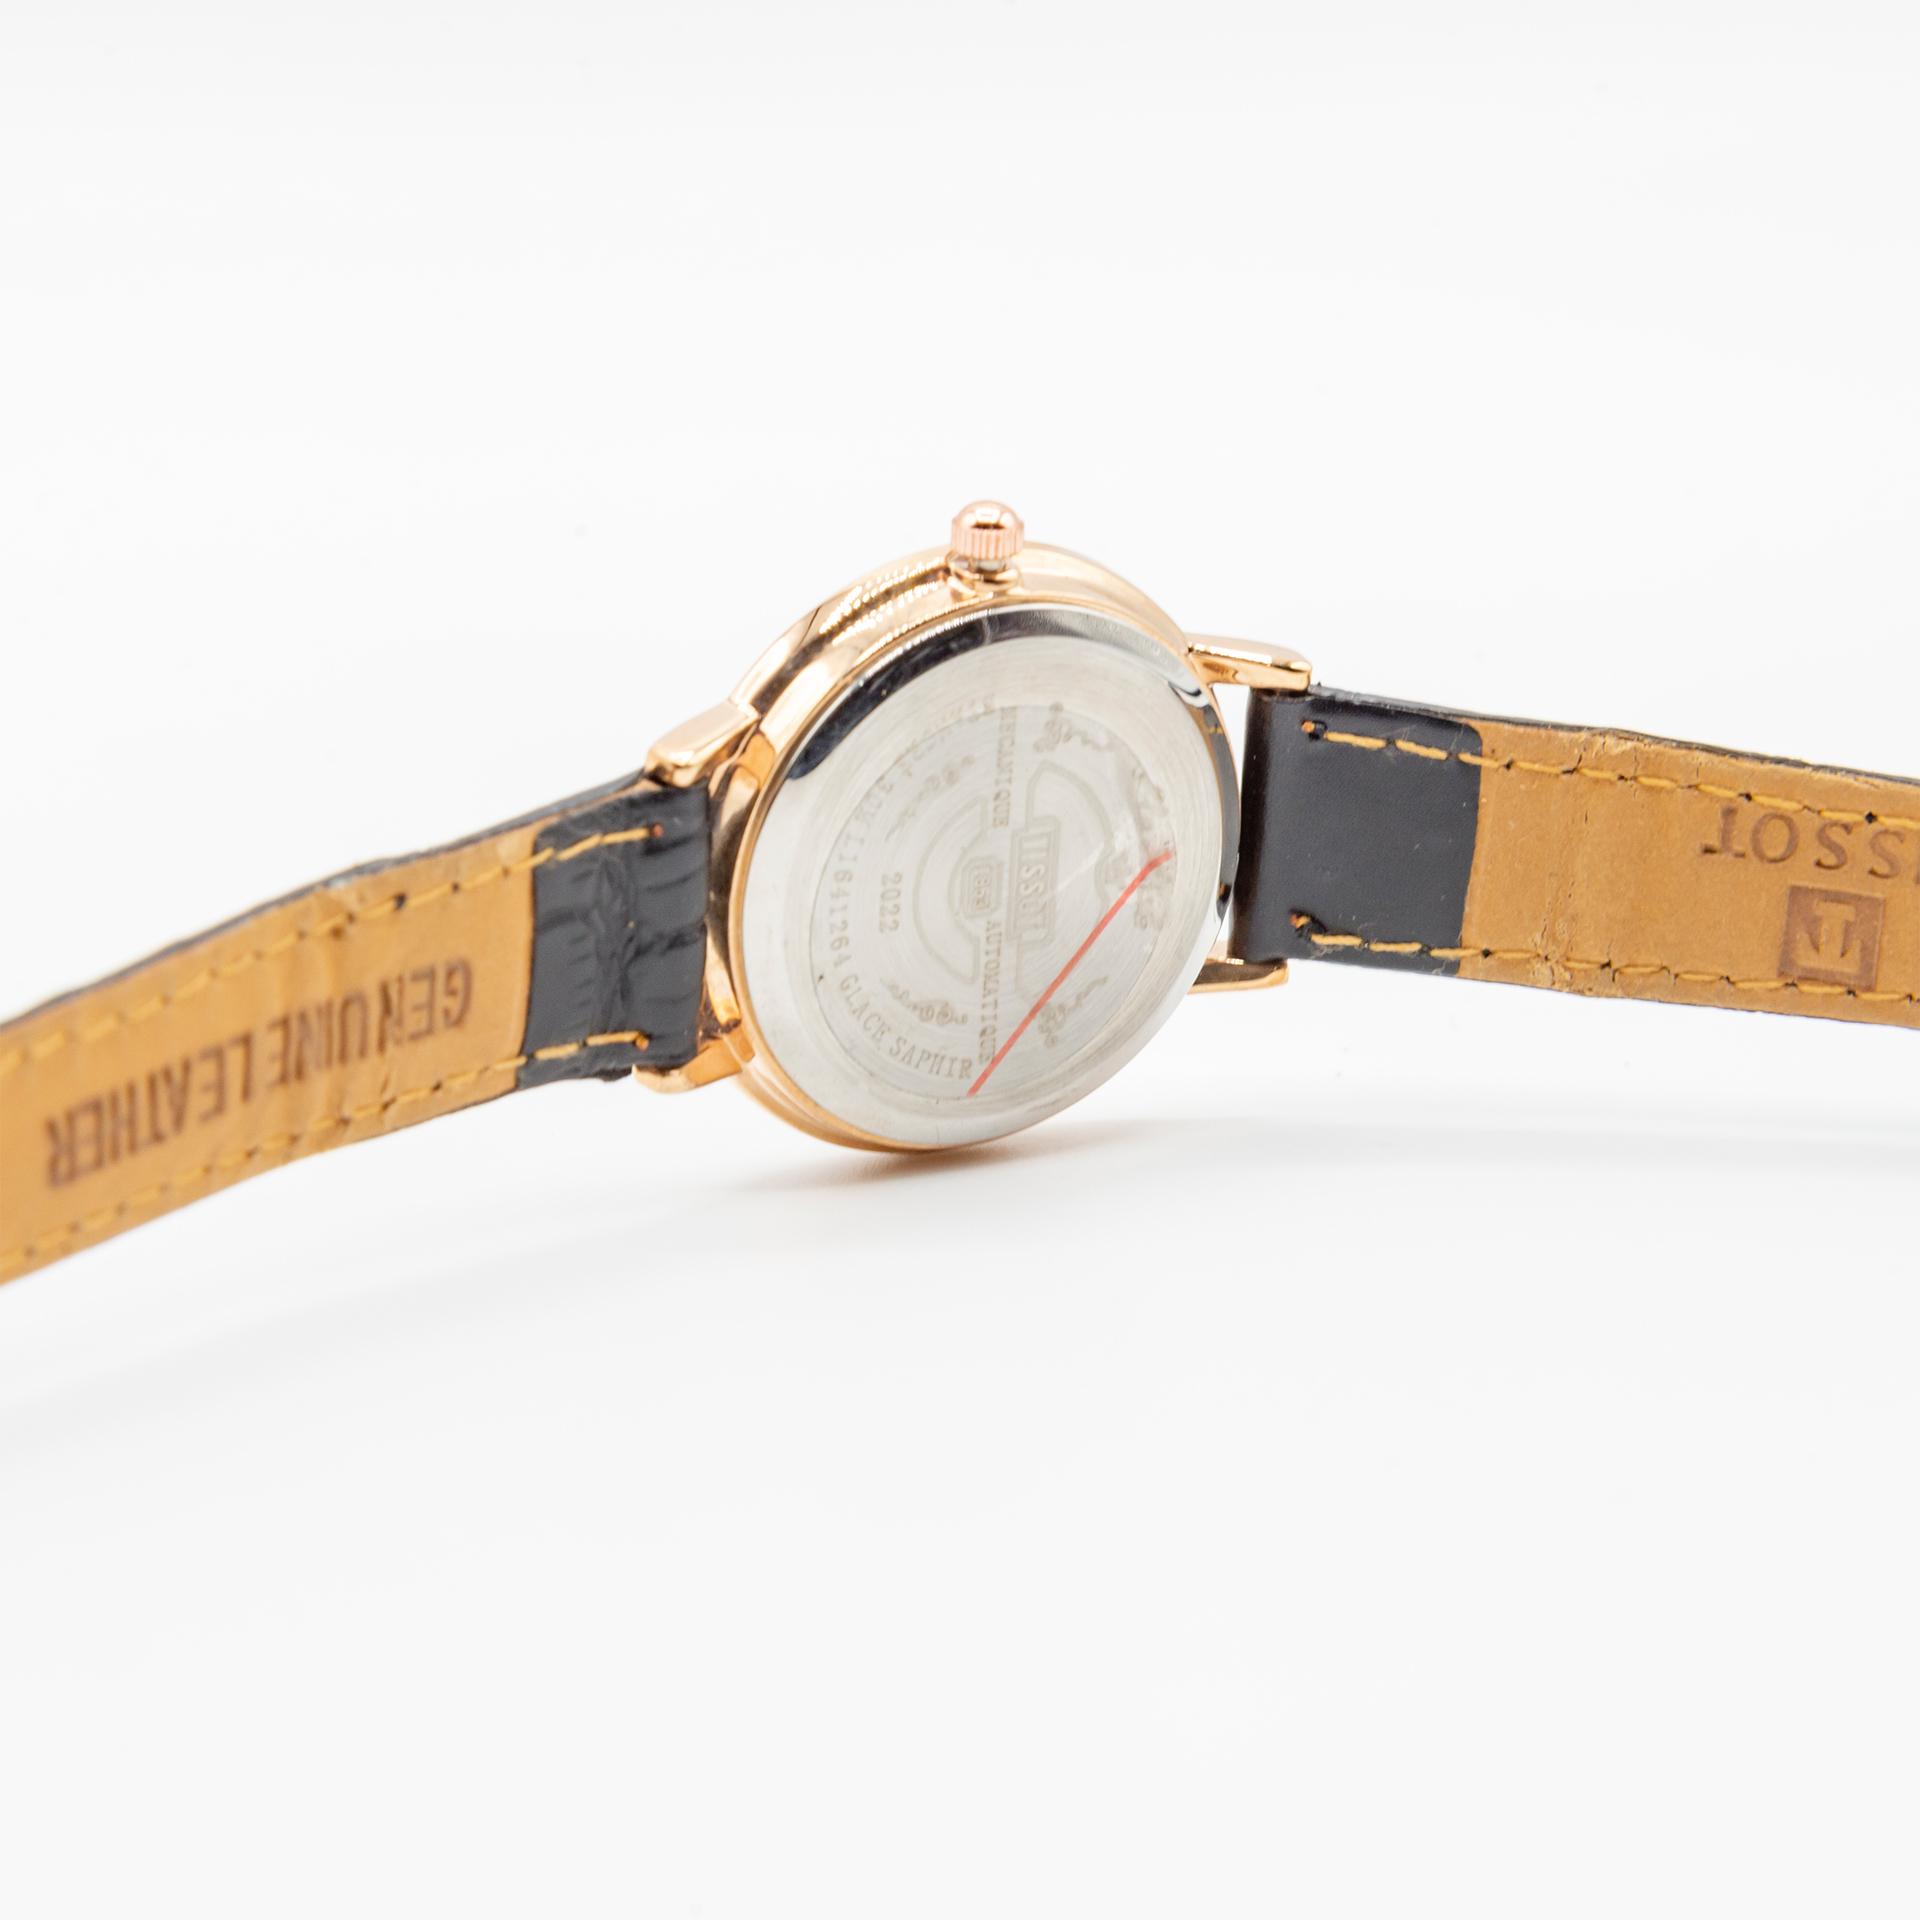 ست ساعت مچی عقربه ای زنانه و مردانه مدل Ti کد BGWA035                     غیر اصل